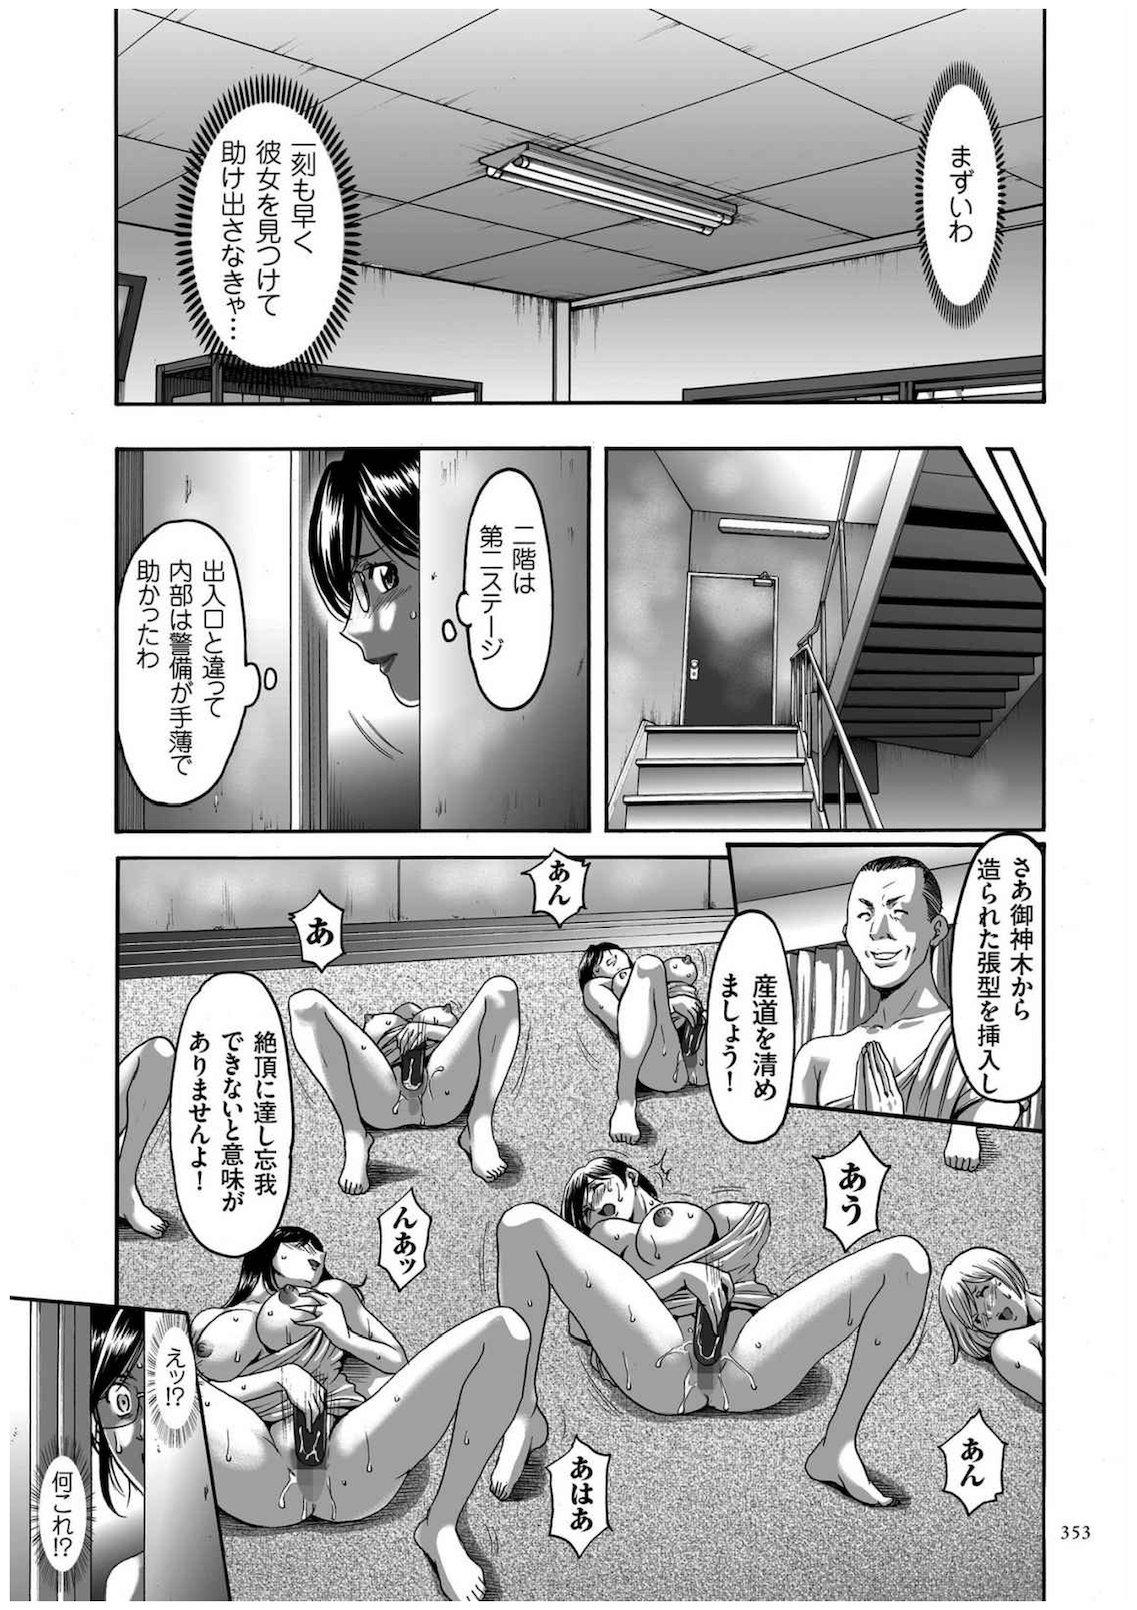 Sennyu Tsuma Satomi Kiroku 351